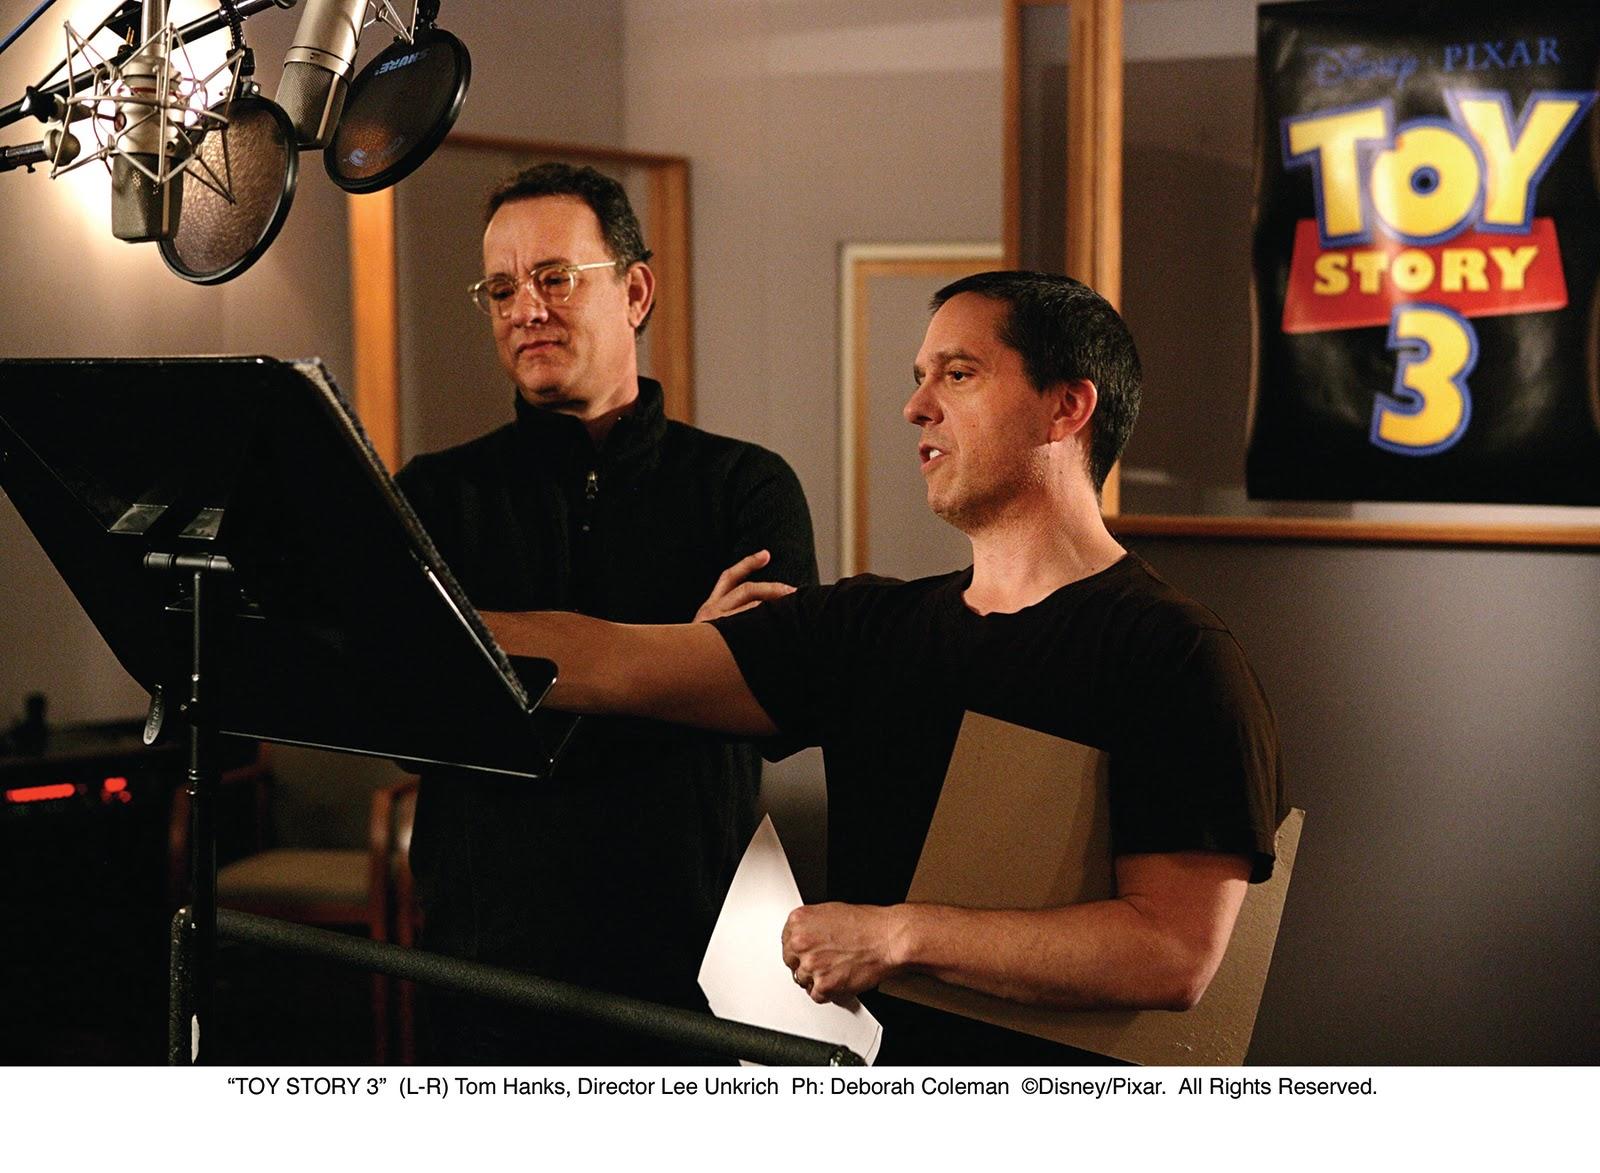 http://2.bp.blogspot.com/_WupTYuceq-k/TNHYgNzGJjI/AAAAAAAAAWk/tXwN1je832M/s1600/Tom+Hanks+&+Lee+Unkrich.jpg